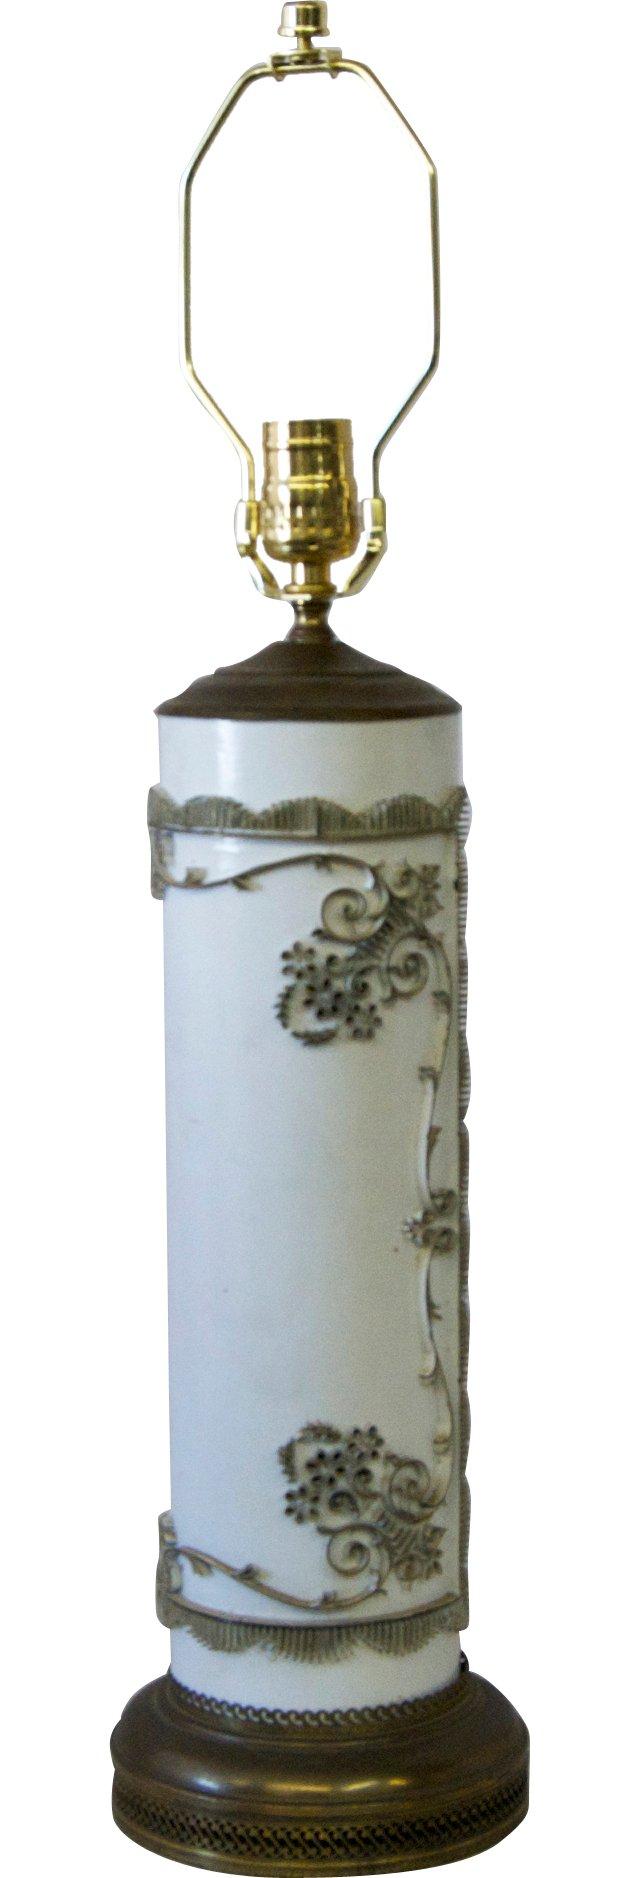 Painted Wallpaper Roller Lamp